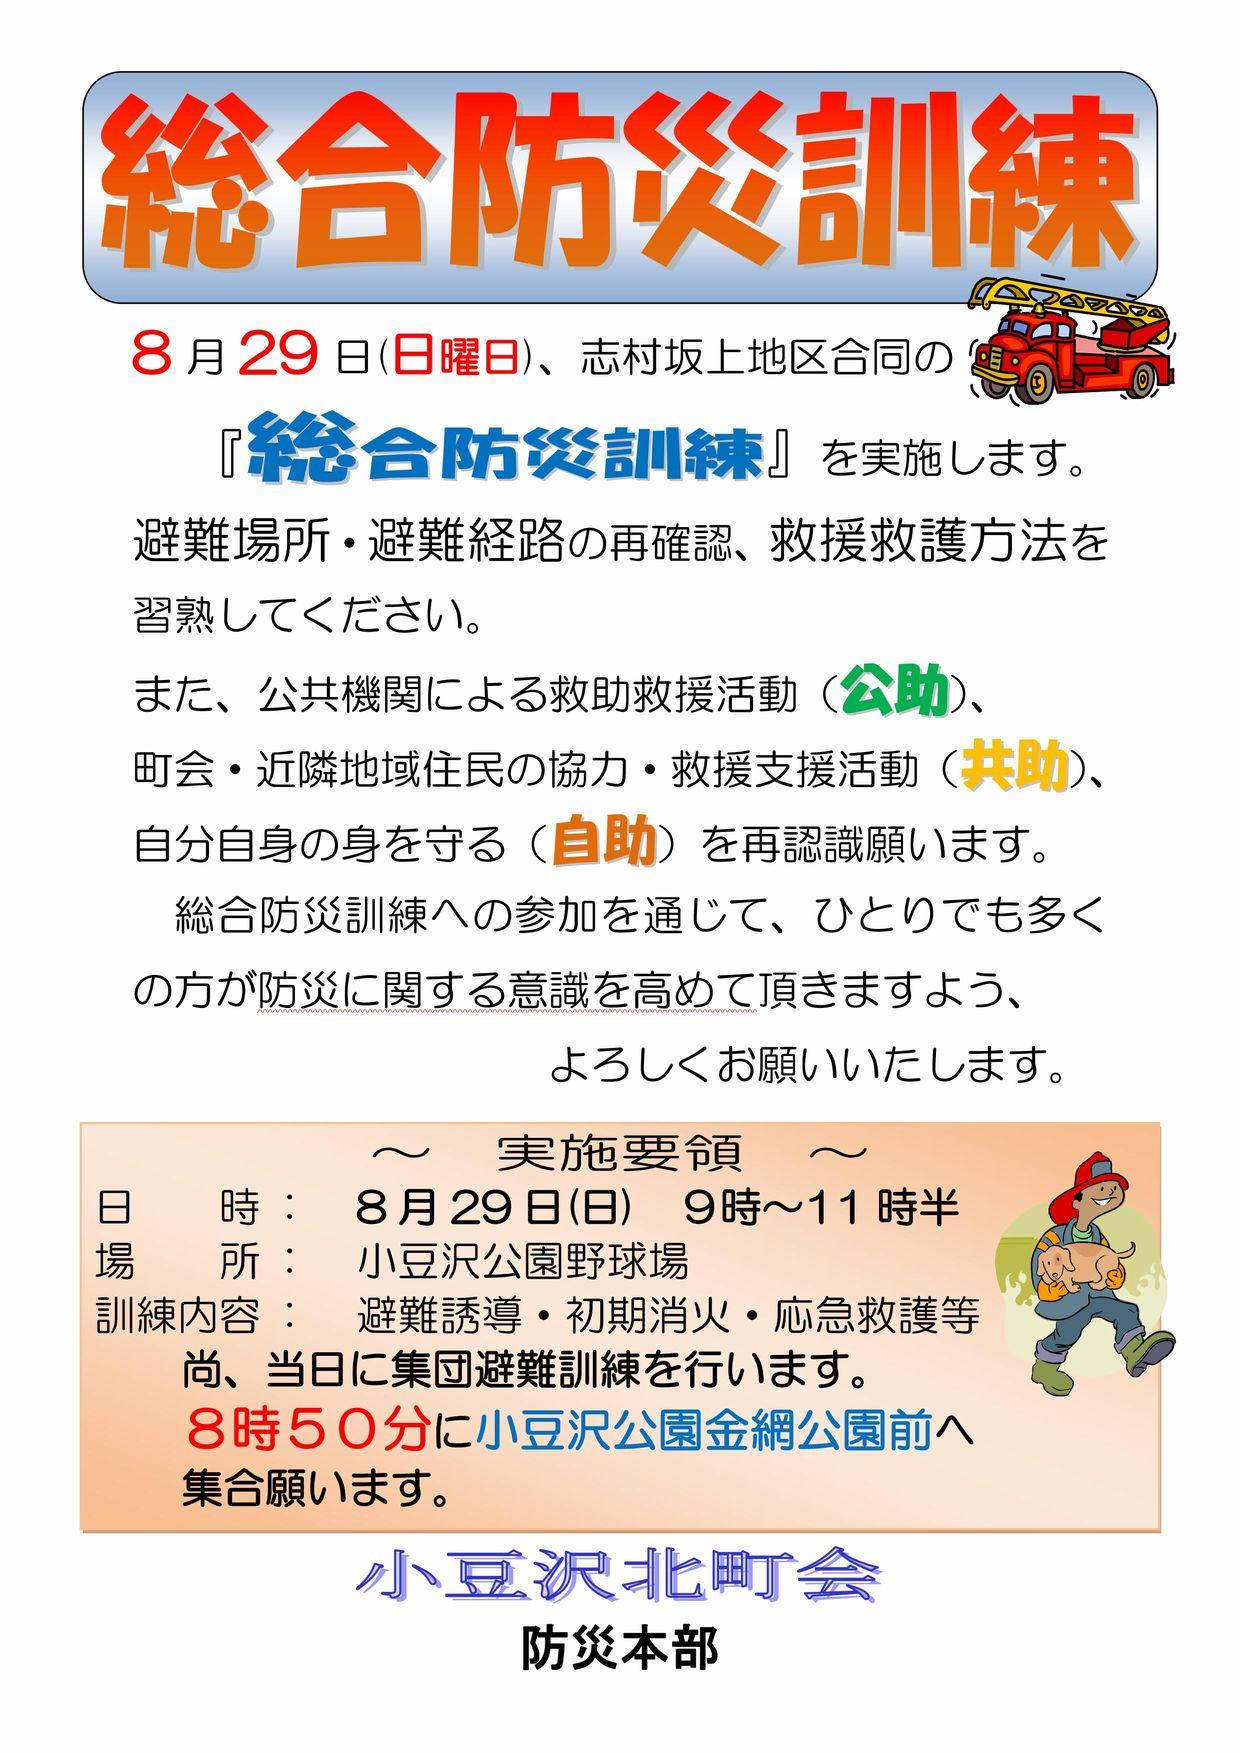 2010-08-29地域防災訓練